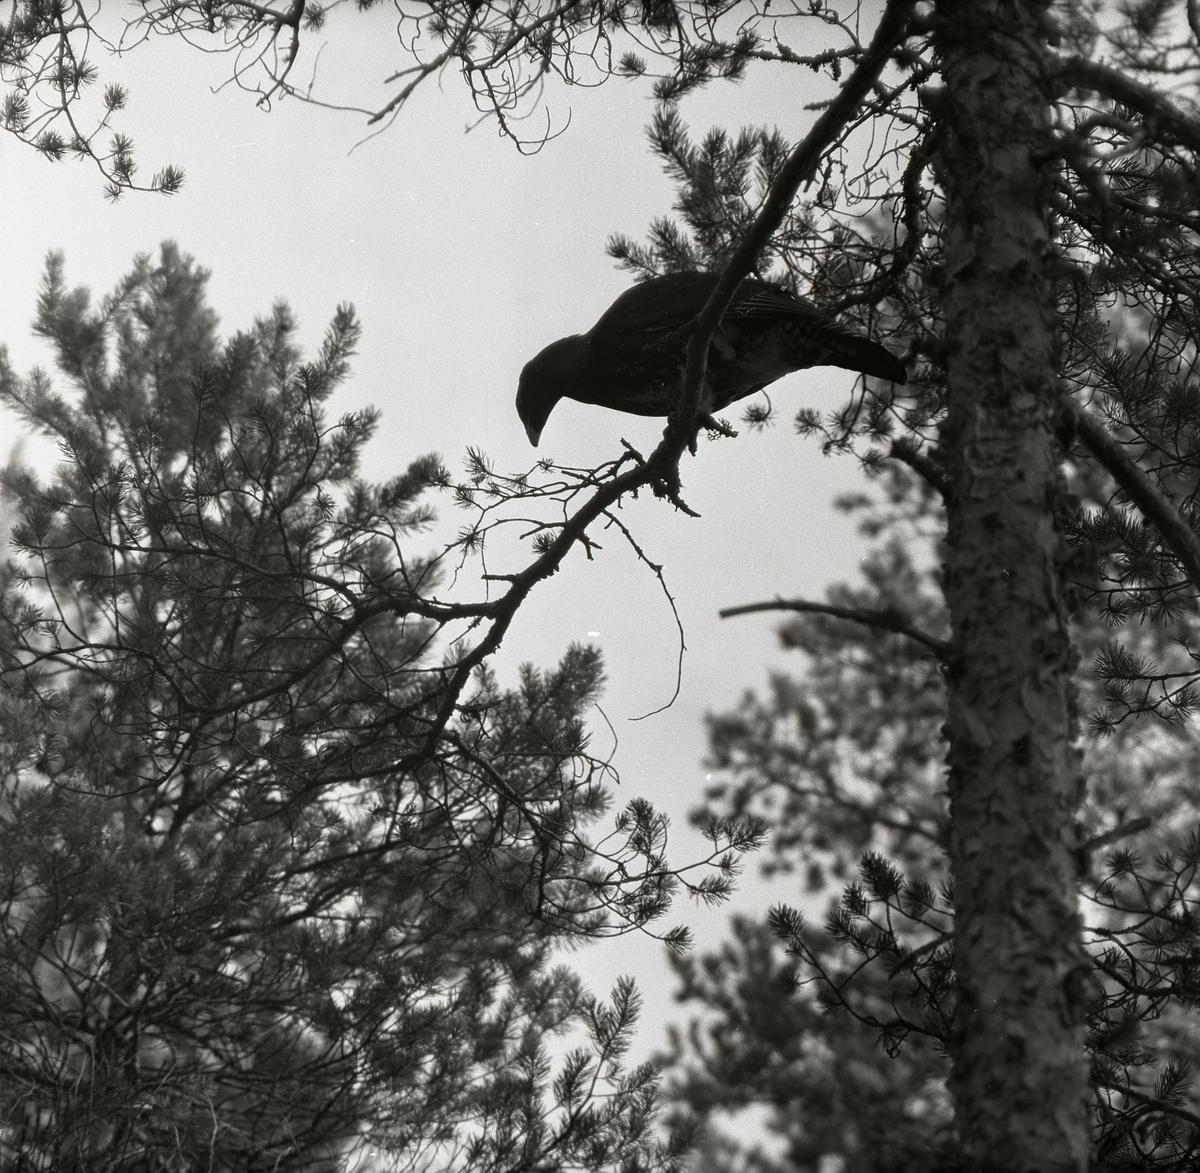 En tjäder sitter på en tallgren i en skog 22 oktober 1957.